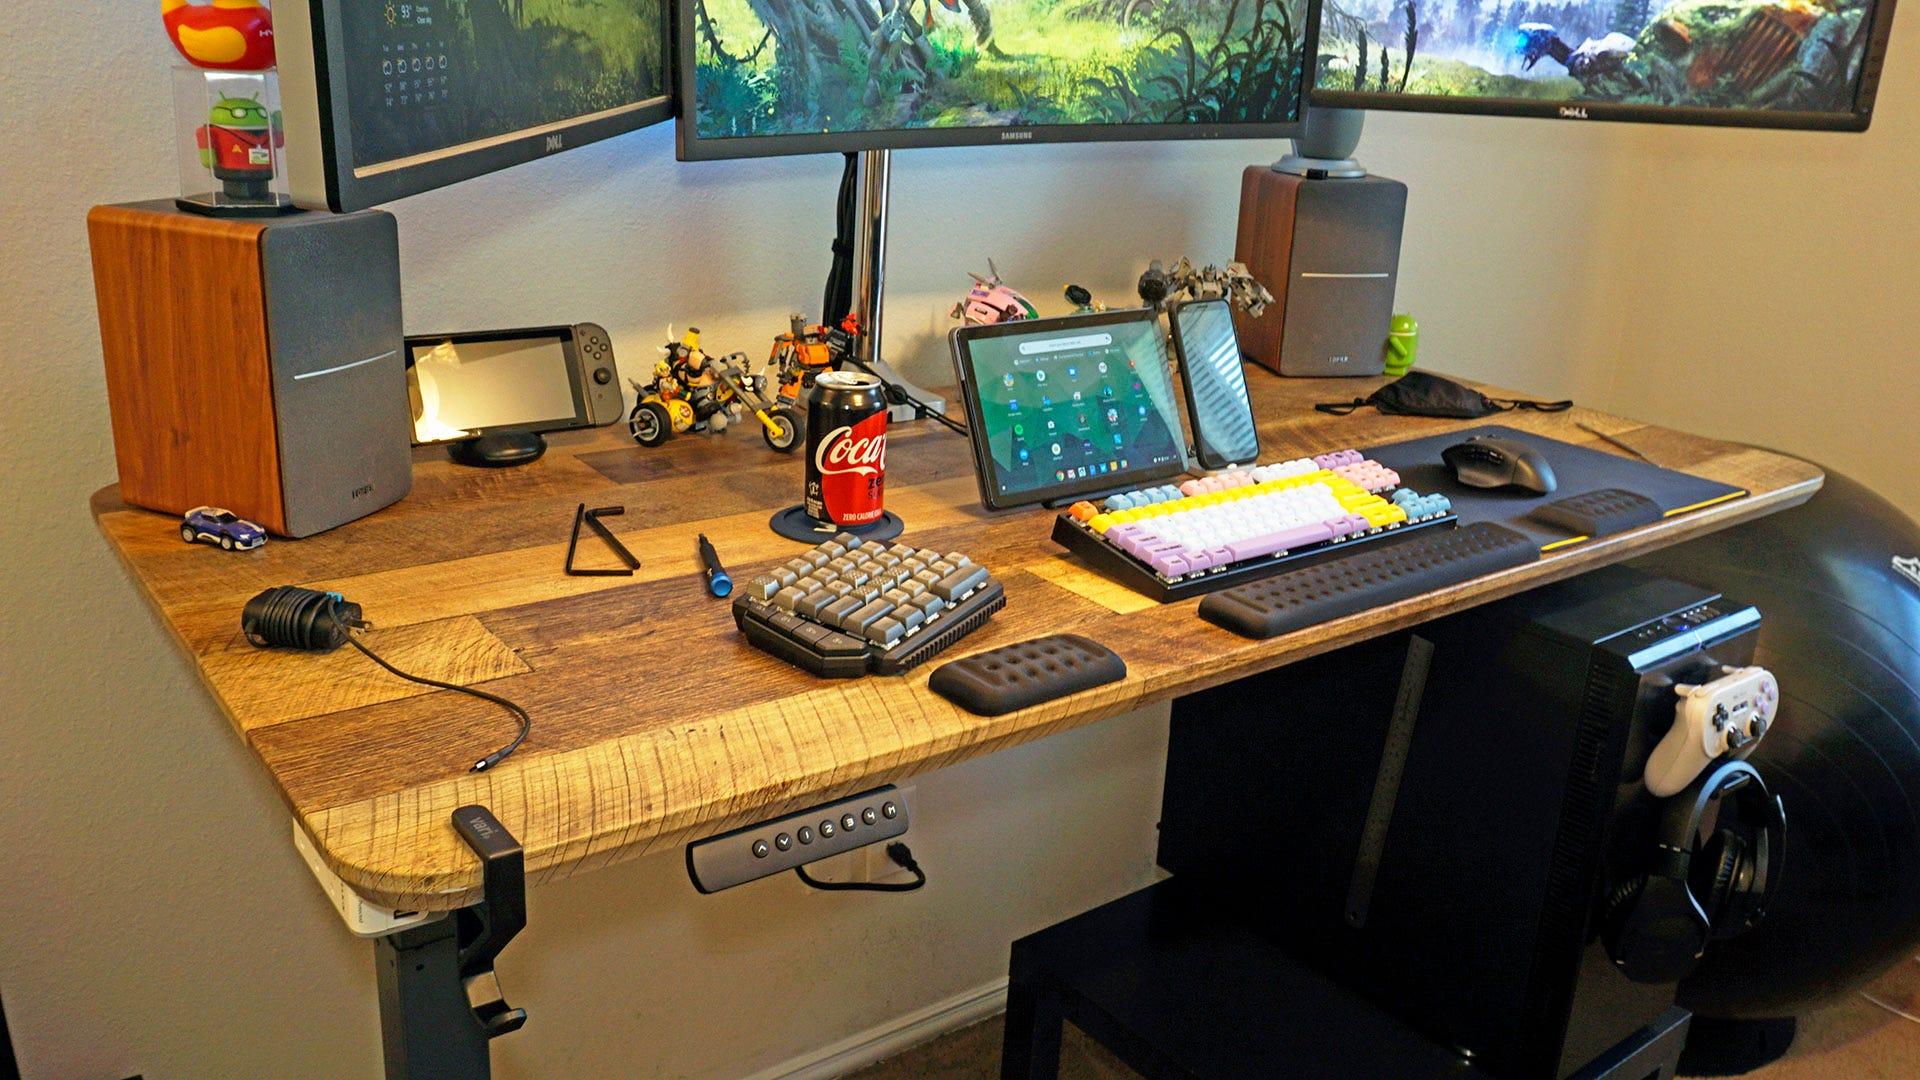 Vari Desk from the left side.